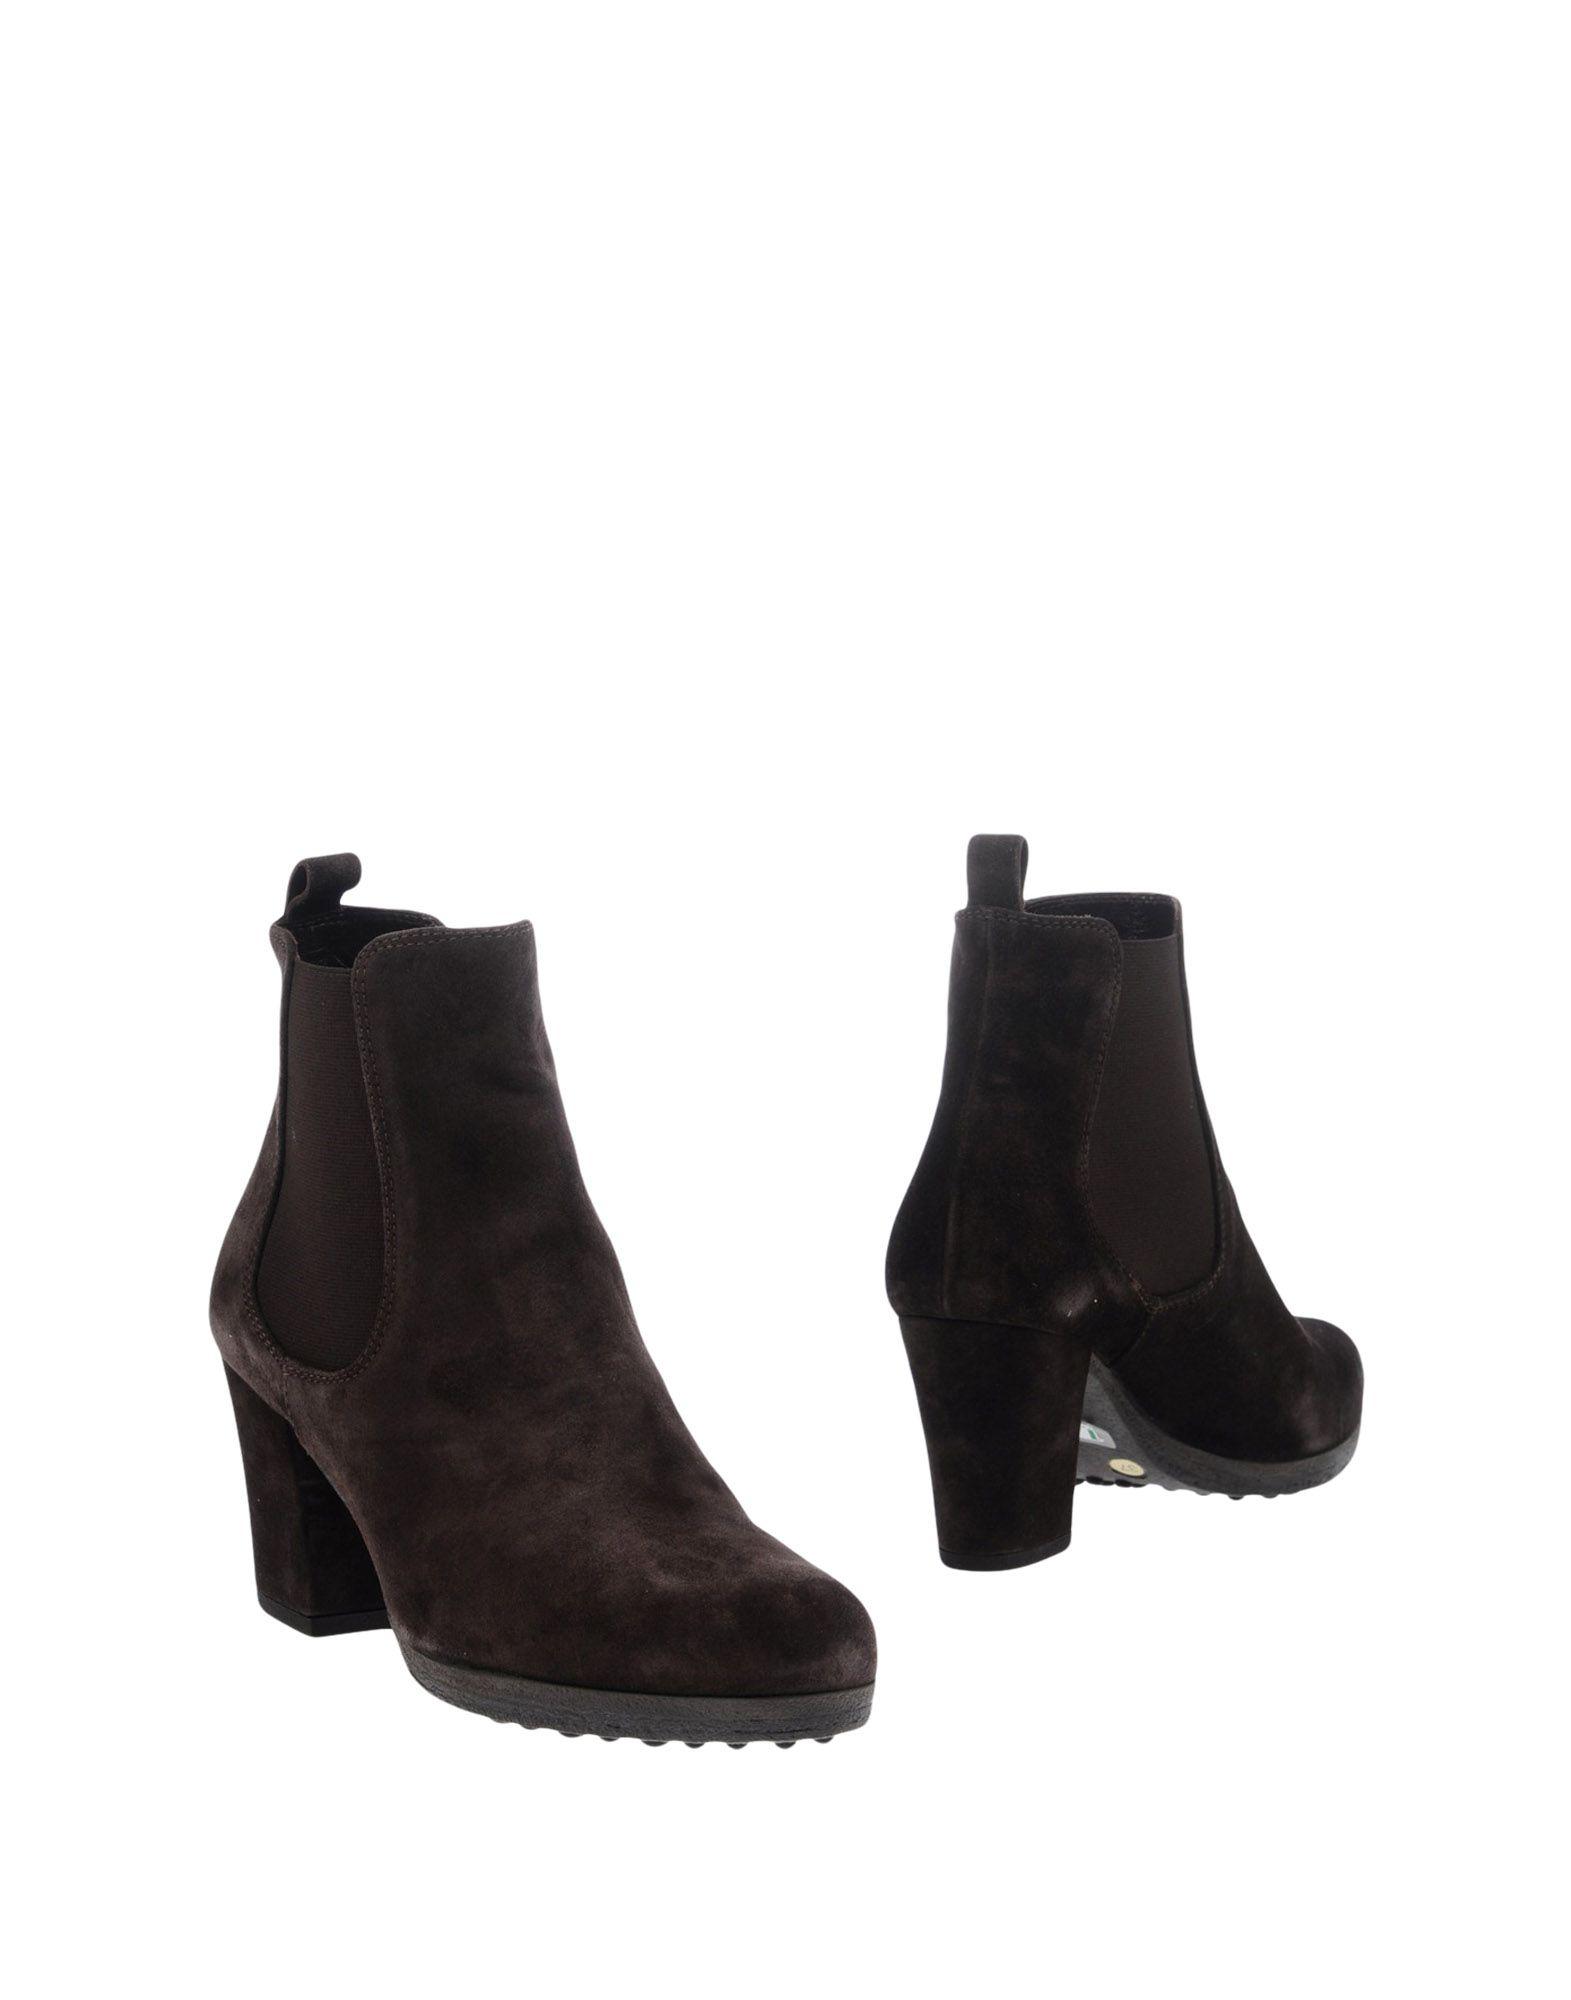 MARIA CRISTINA Полусапоги и высокие ботинки купить футбольную форму челси торрес